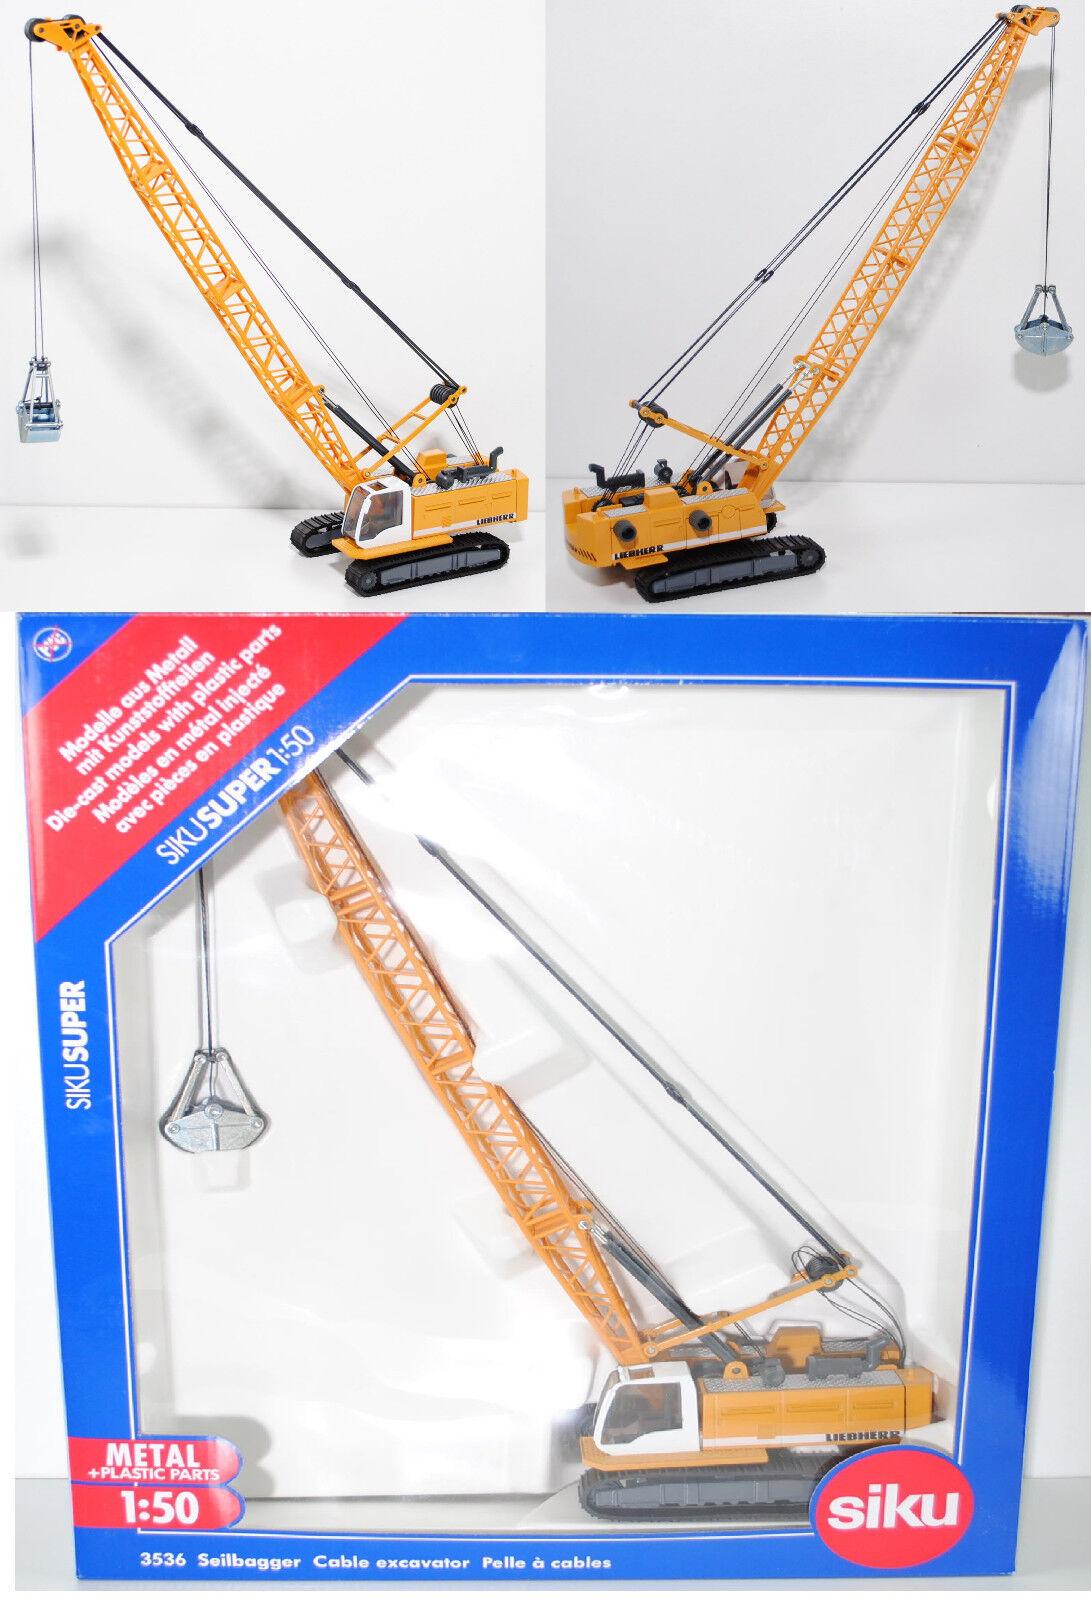 ventas al por mayor Siku súper 3536 Liebherr Hydro-seilbagger Hydro-seilbagger Hydro-seilbagger hs 835 HD litronic ®  mas barato